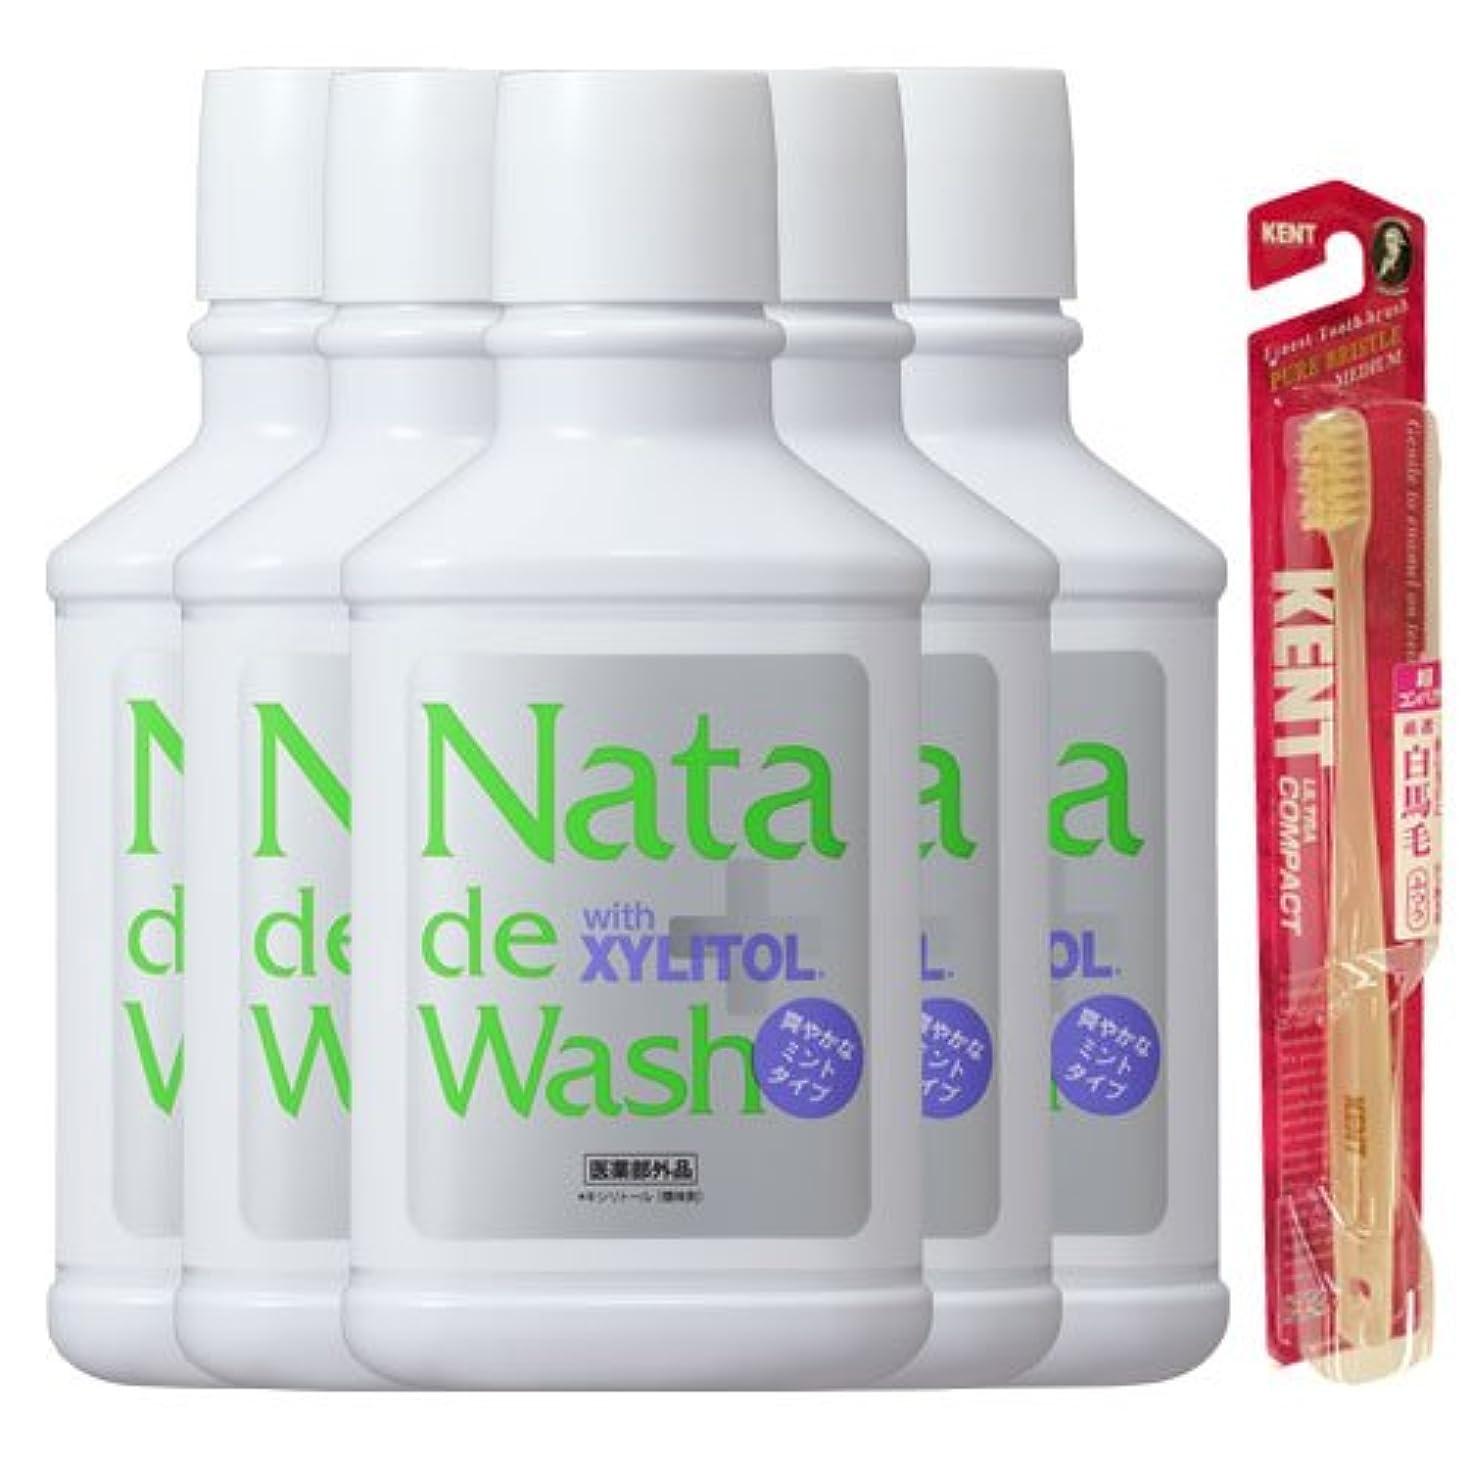 疎外パトロール水分薬用ナタデウォッシュ 爽やかなミントタイプ 500ml 5本& KENT歯ブラシ1本プレゼント